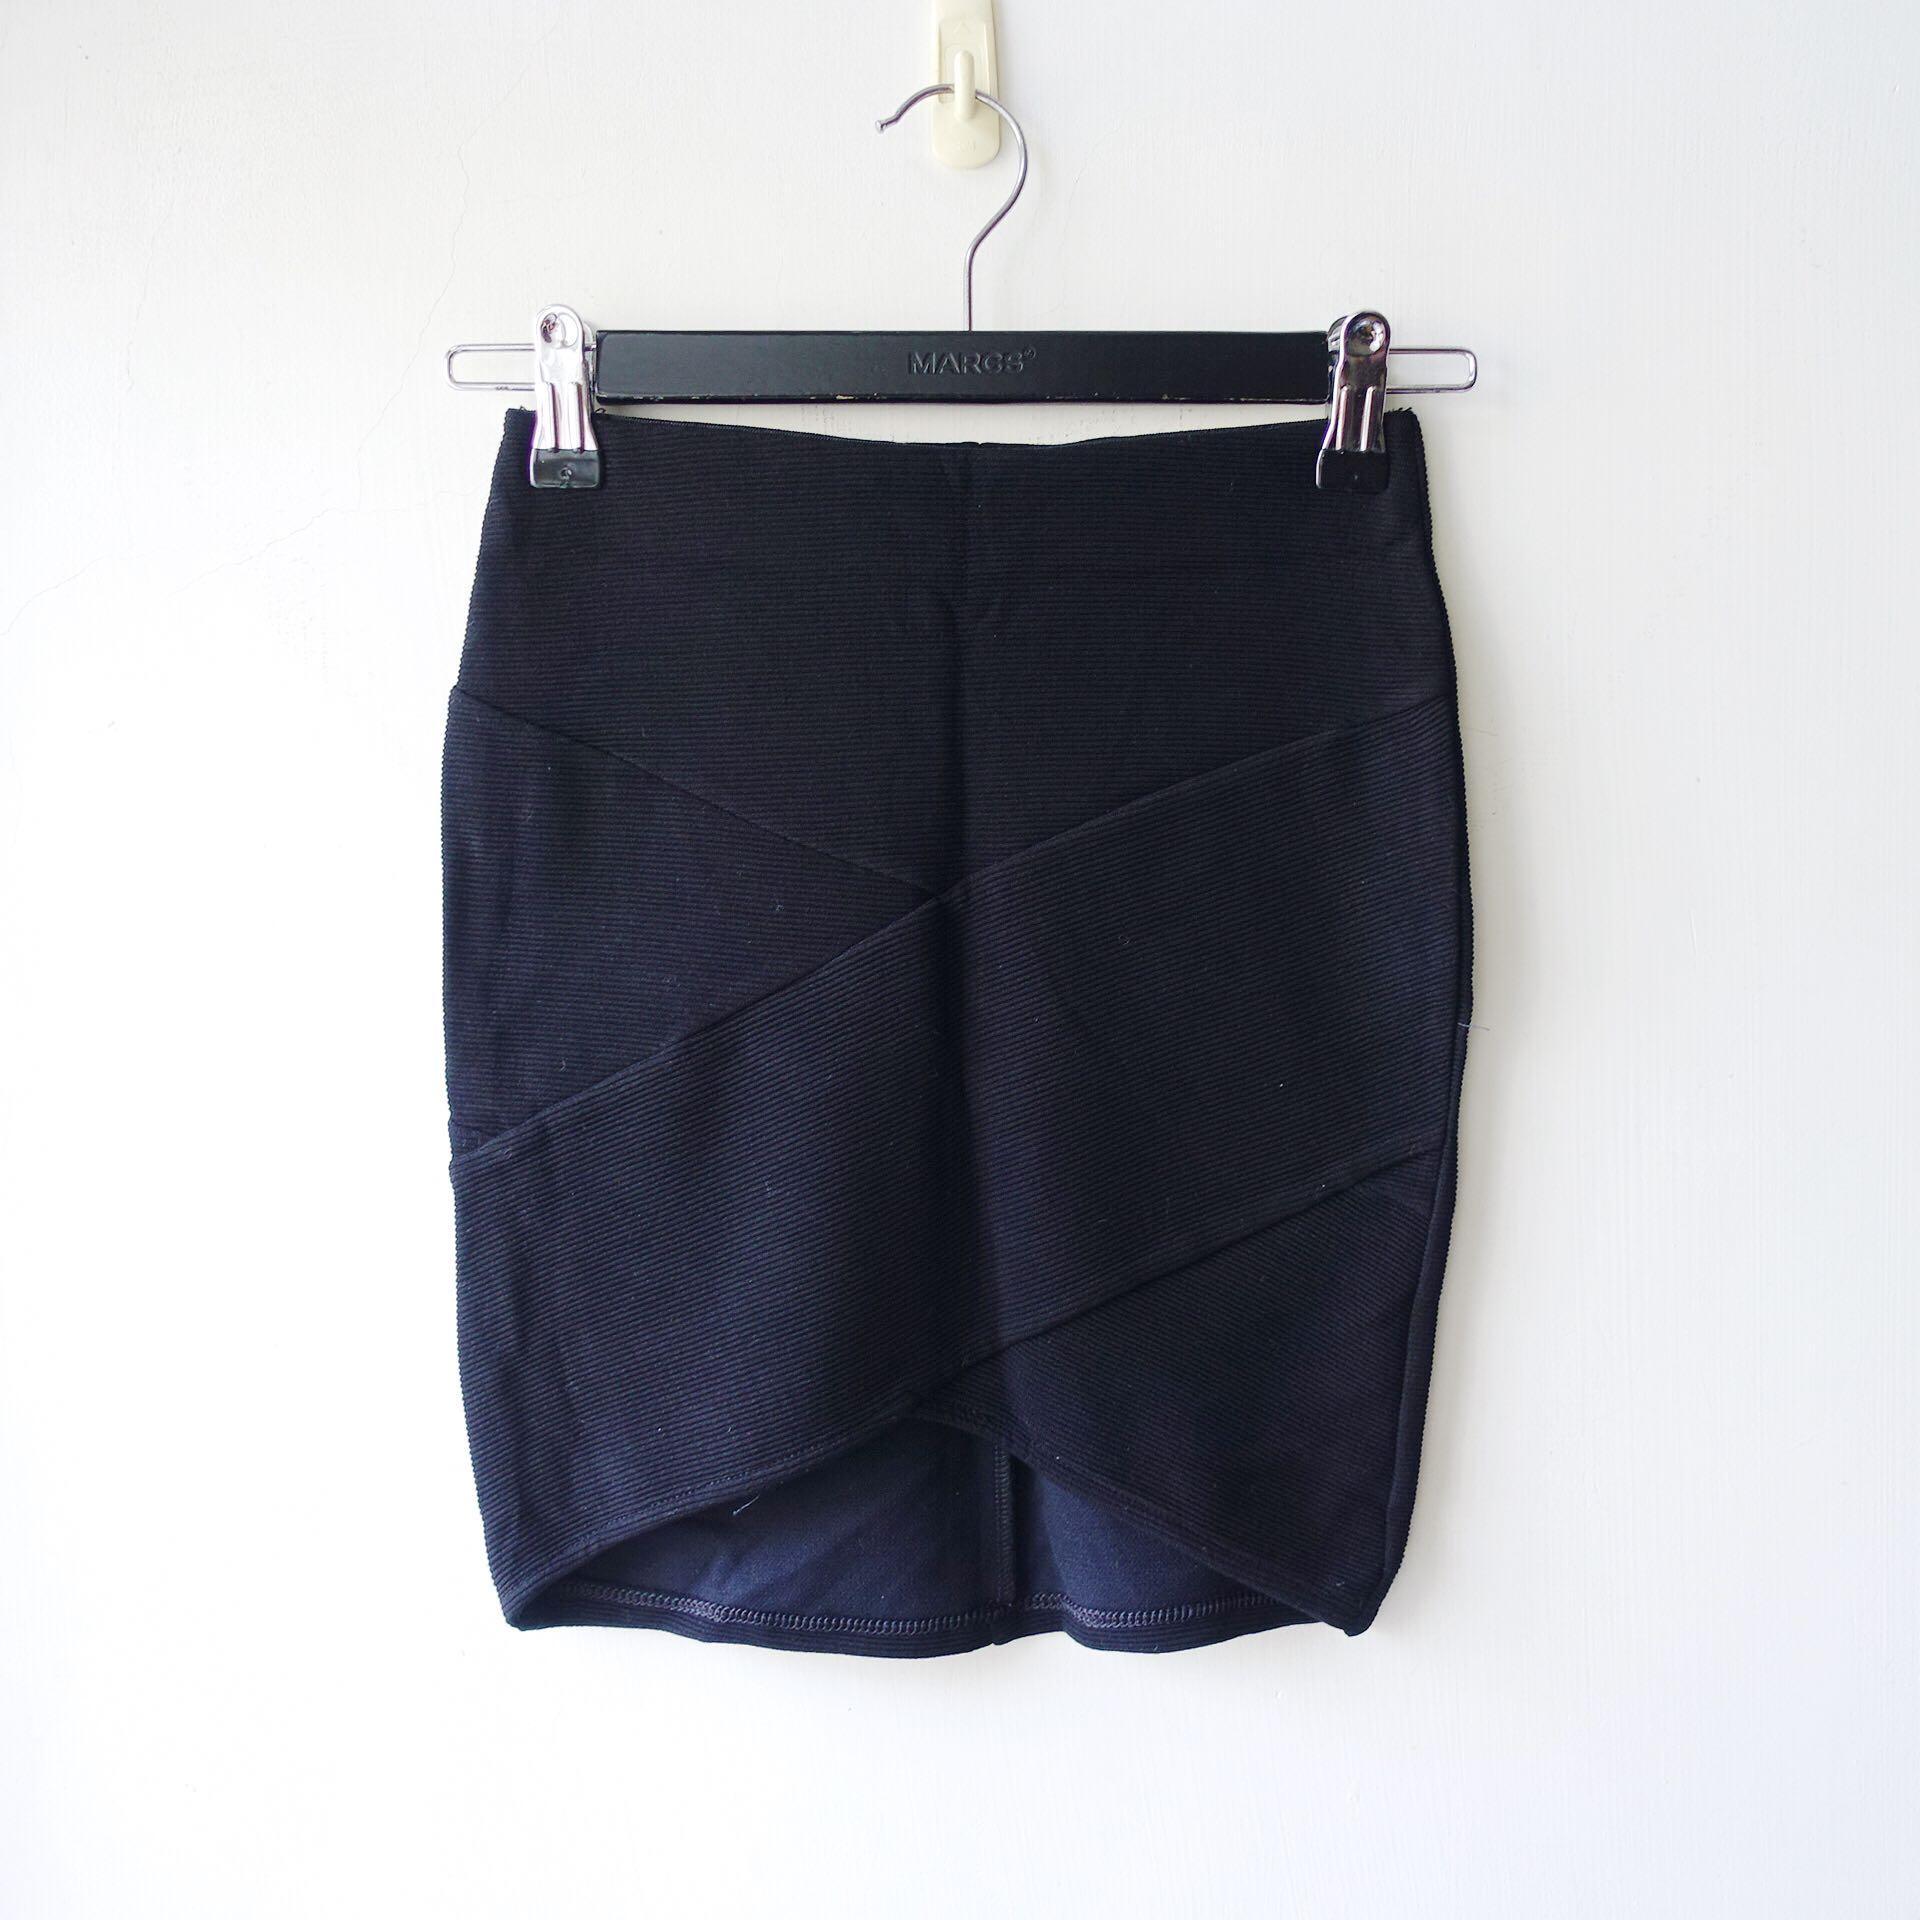 西班牙品牌Bershka黑色萊卡彈性材質交叉造型合身合臀款迷你短裙XS號